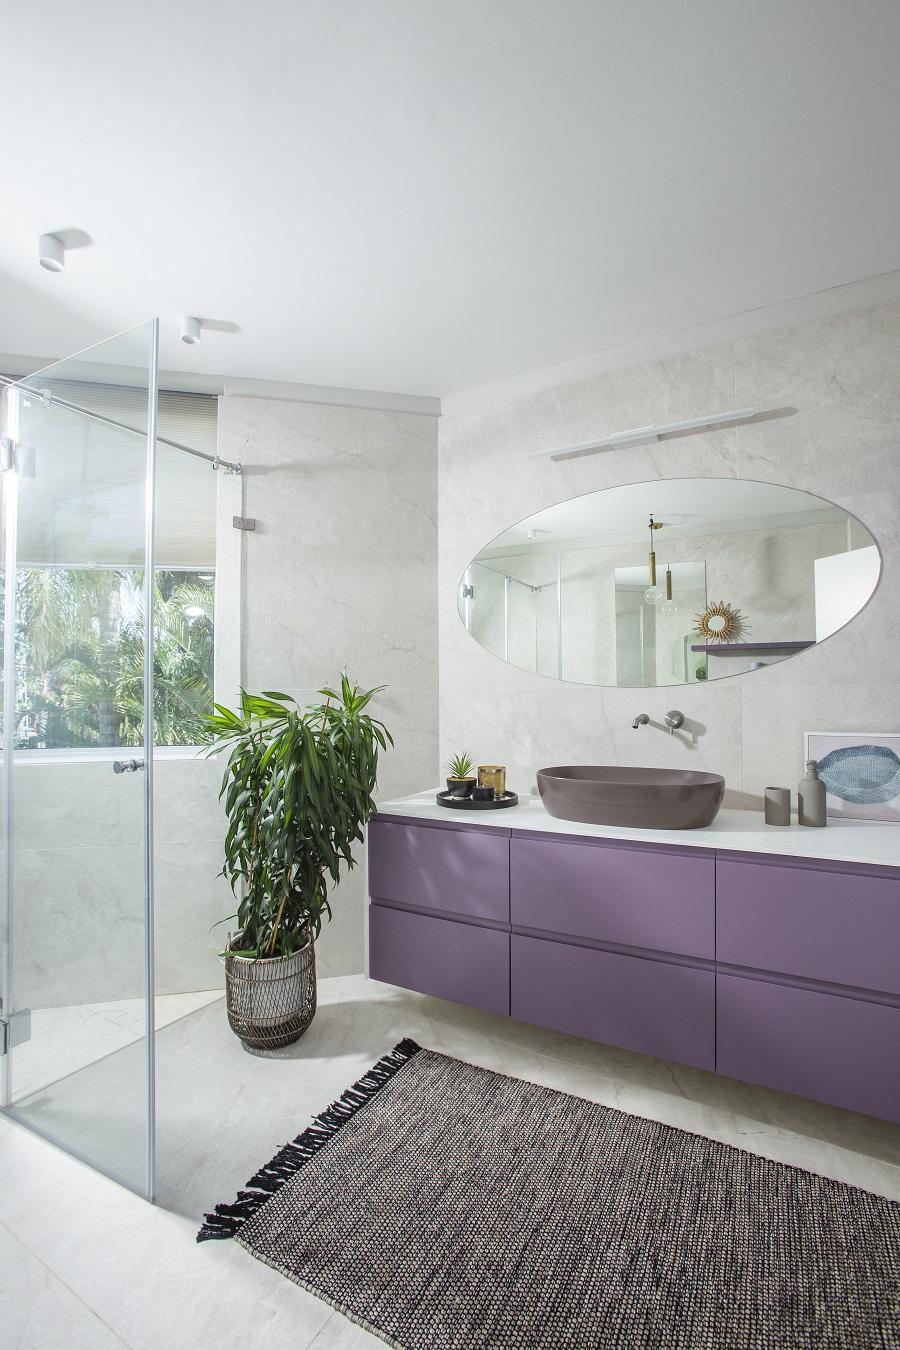 עיצוב לילך לויט | חדר רחצה מעוצב